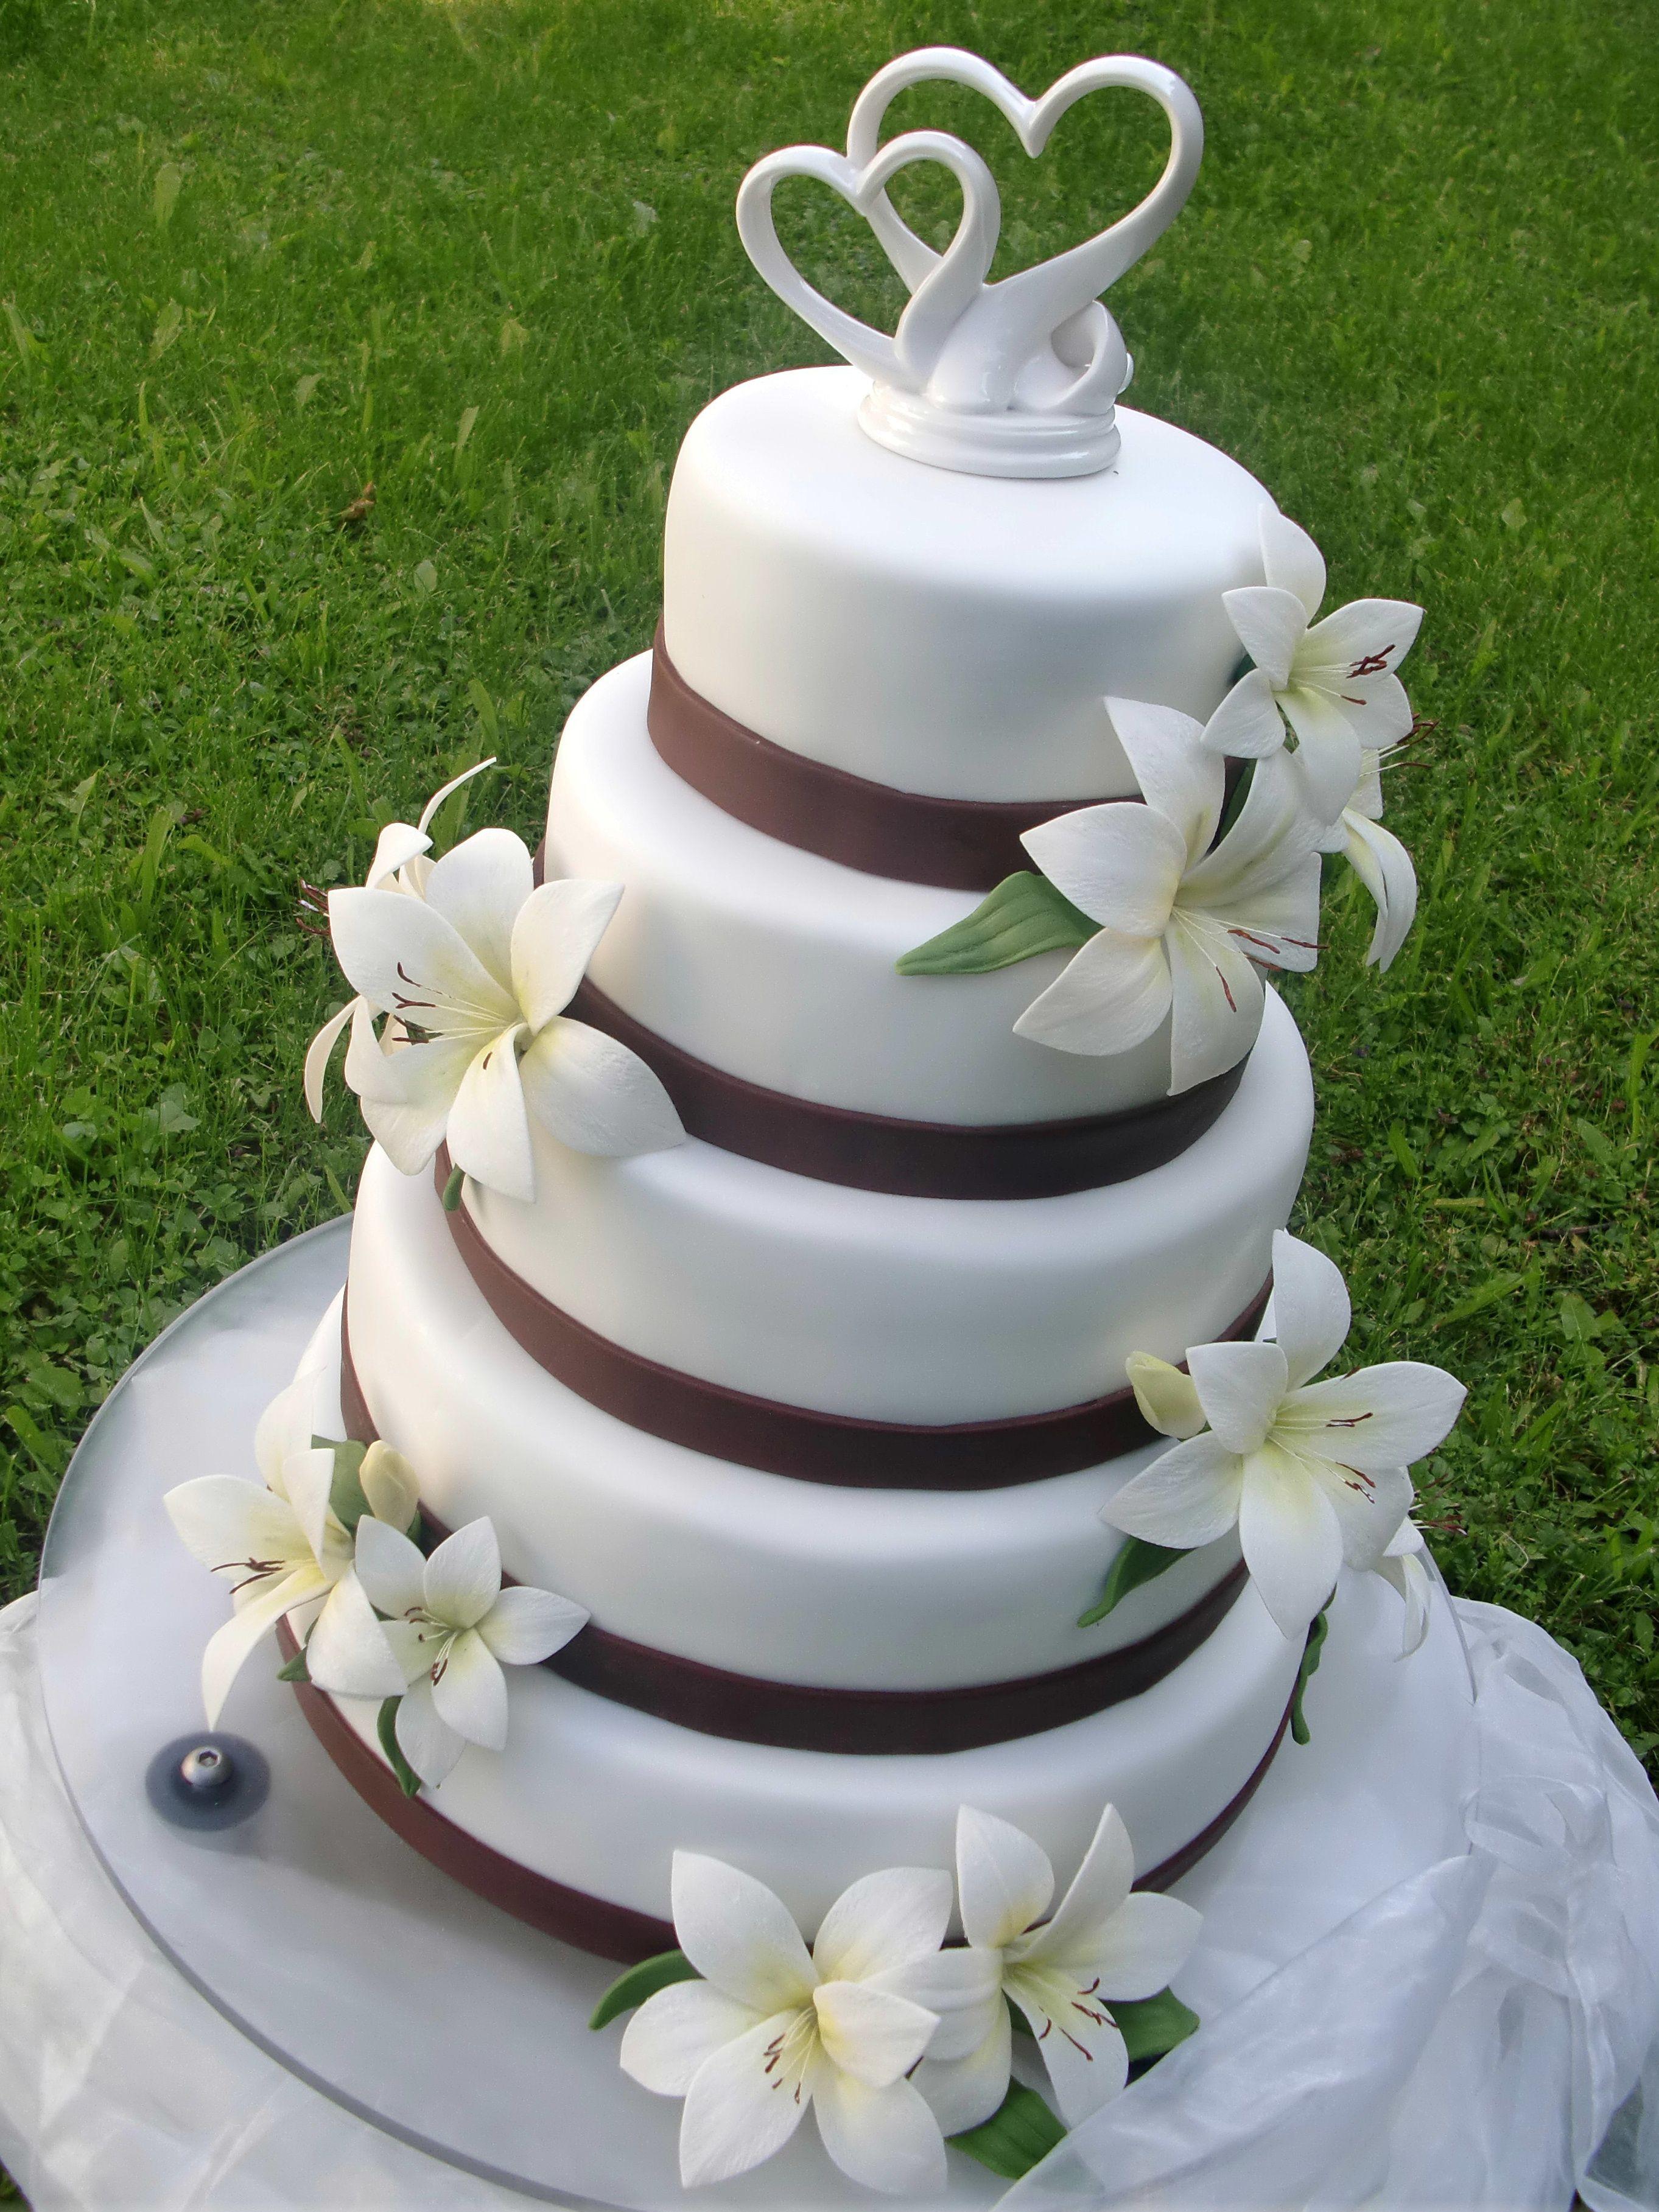 Hochzeitstorte Lili Tortentraum De Hochzeitstorte Pinterest